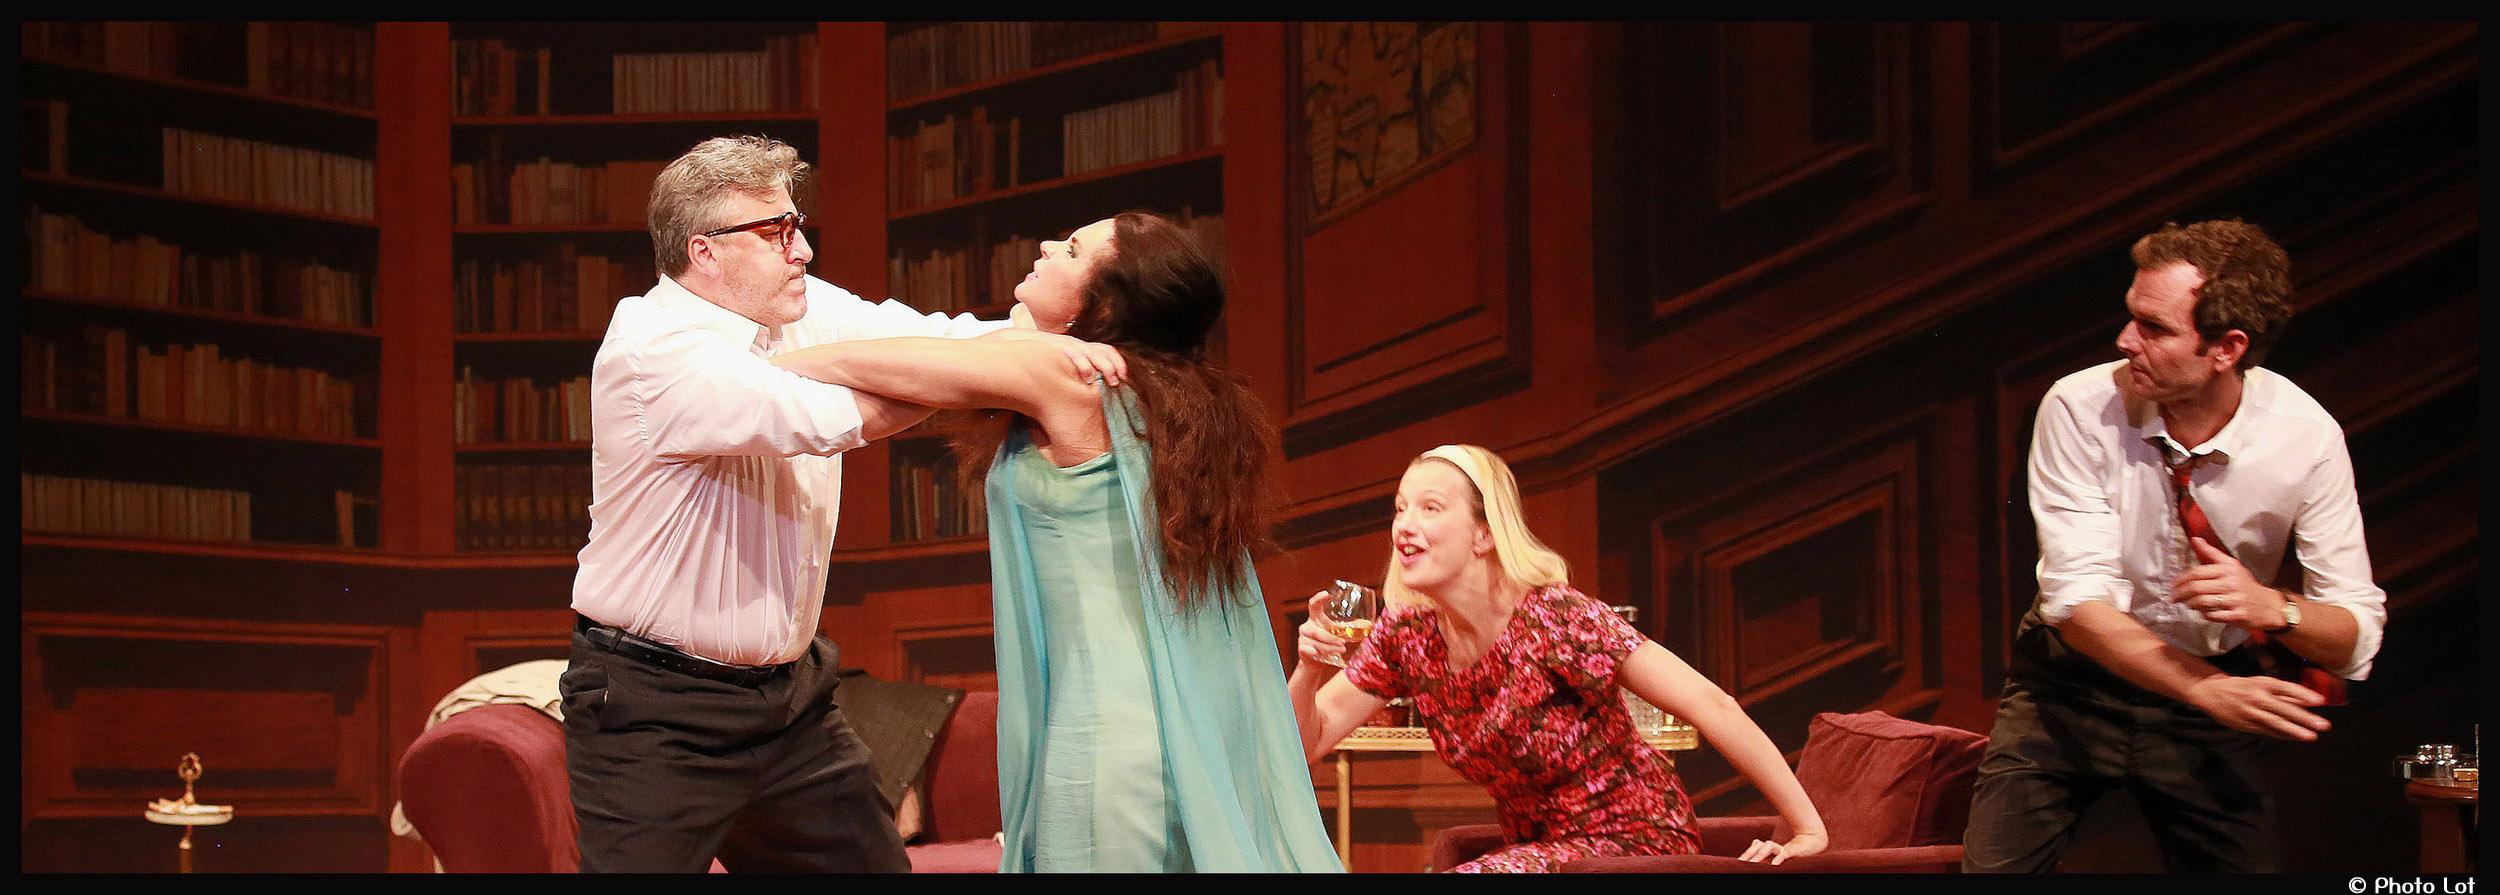 Couv_qui a eur _ Theatre 14_Panchika velez_PhotoLot Qui20_@loeildoliv